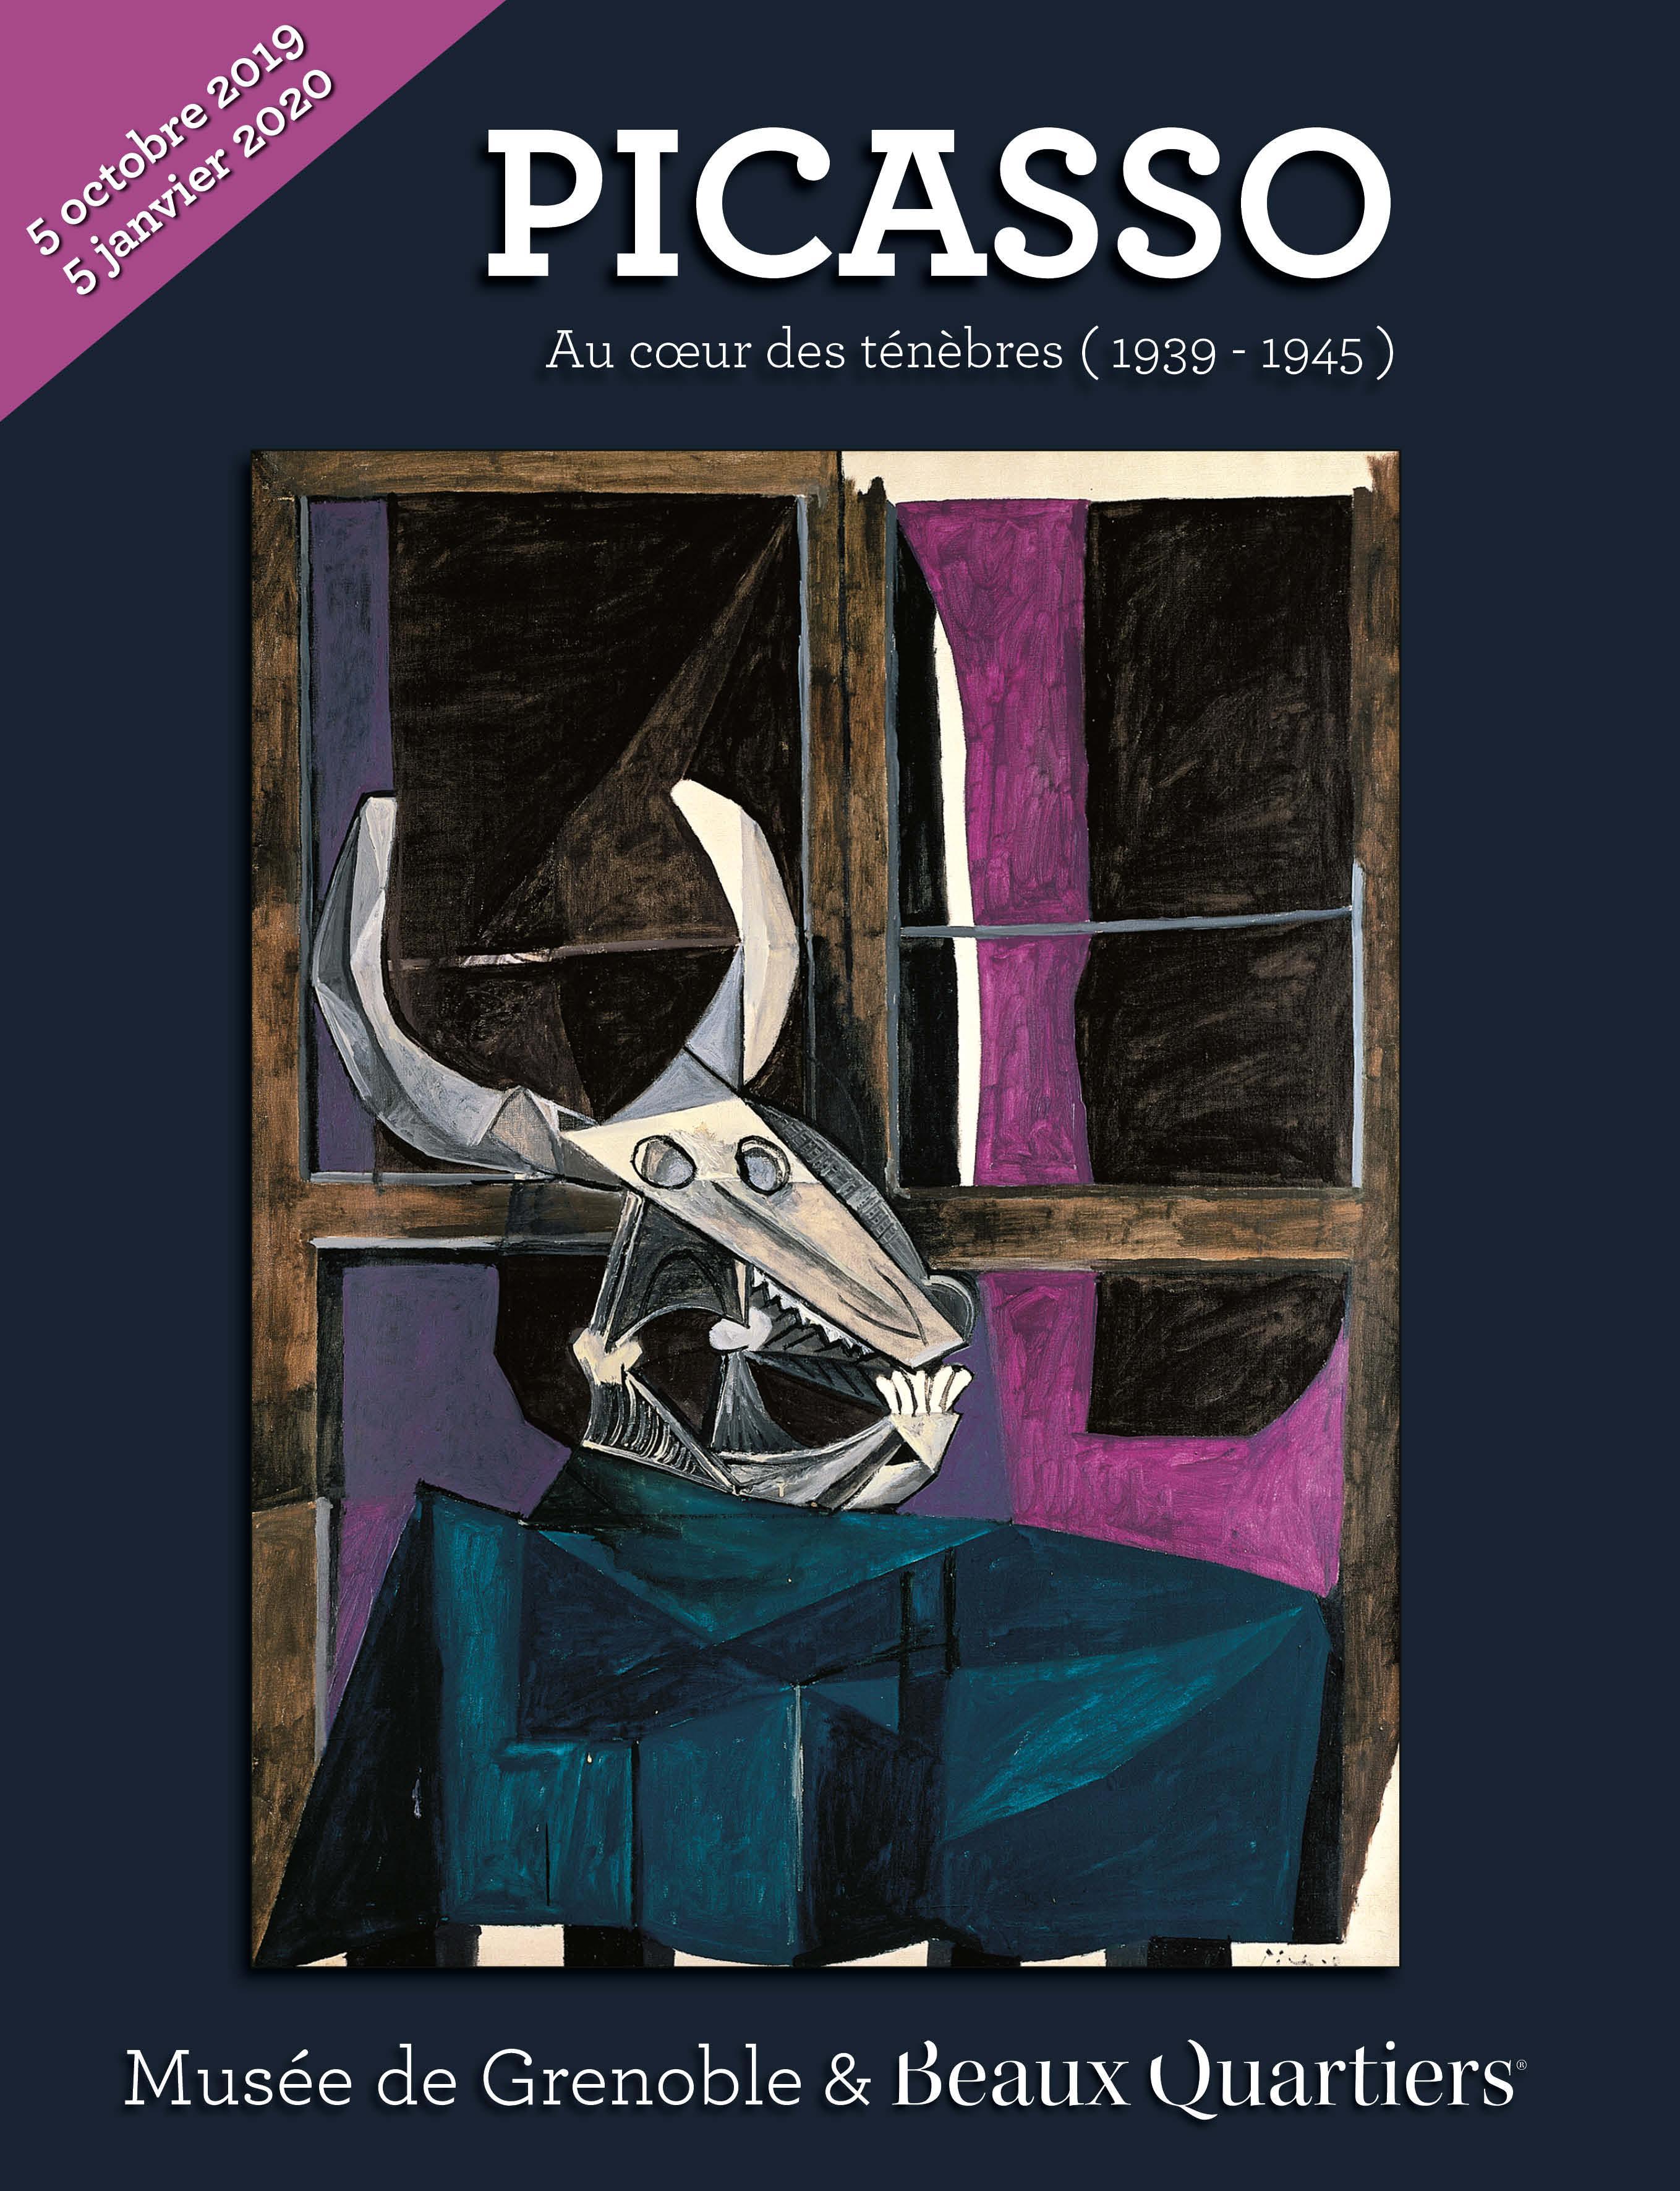 Picasso : au cœur des ténèbres, 2019